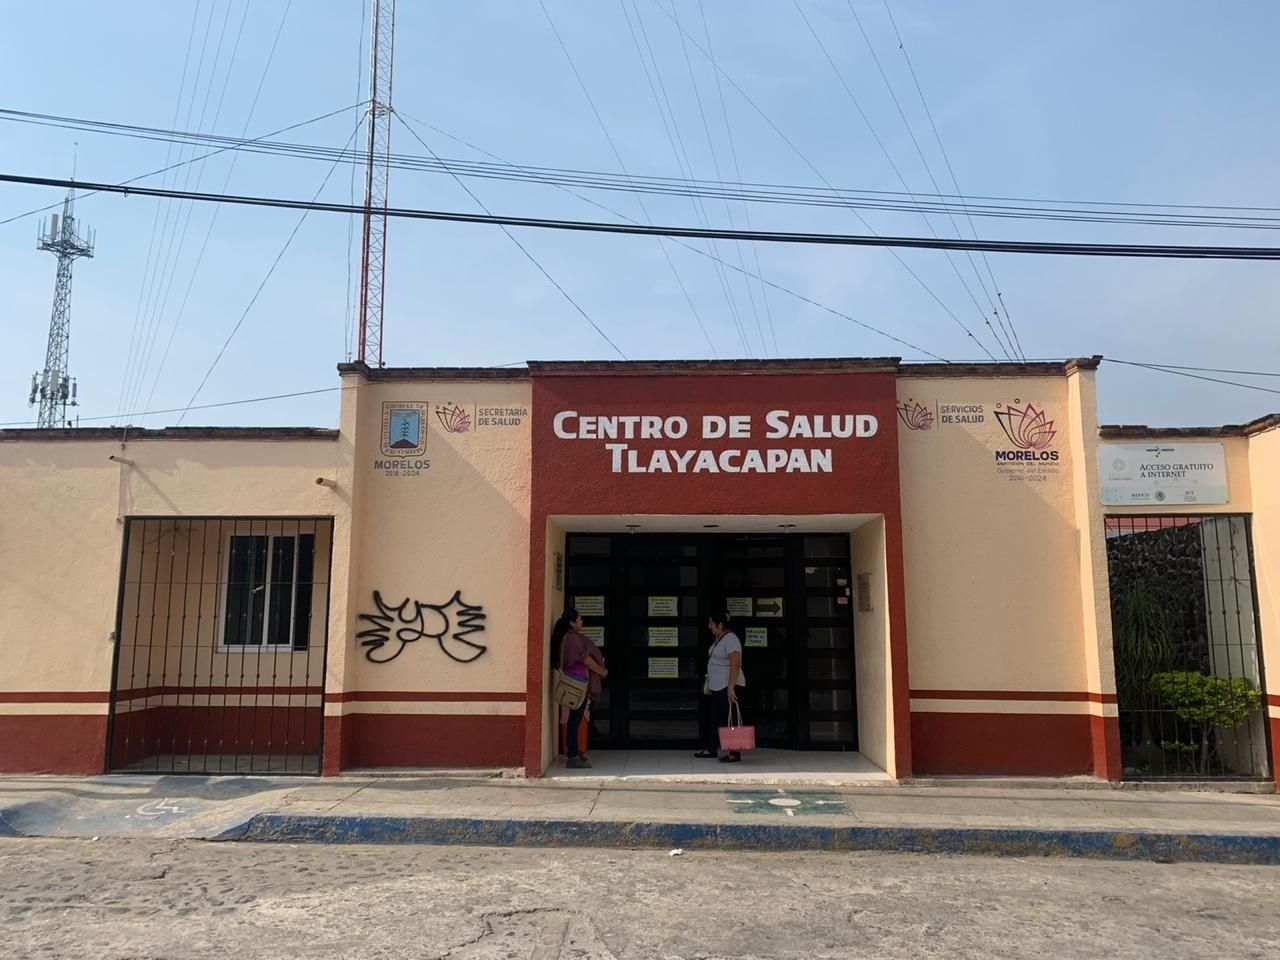 Centro de salud en Tlayacapan